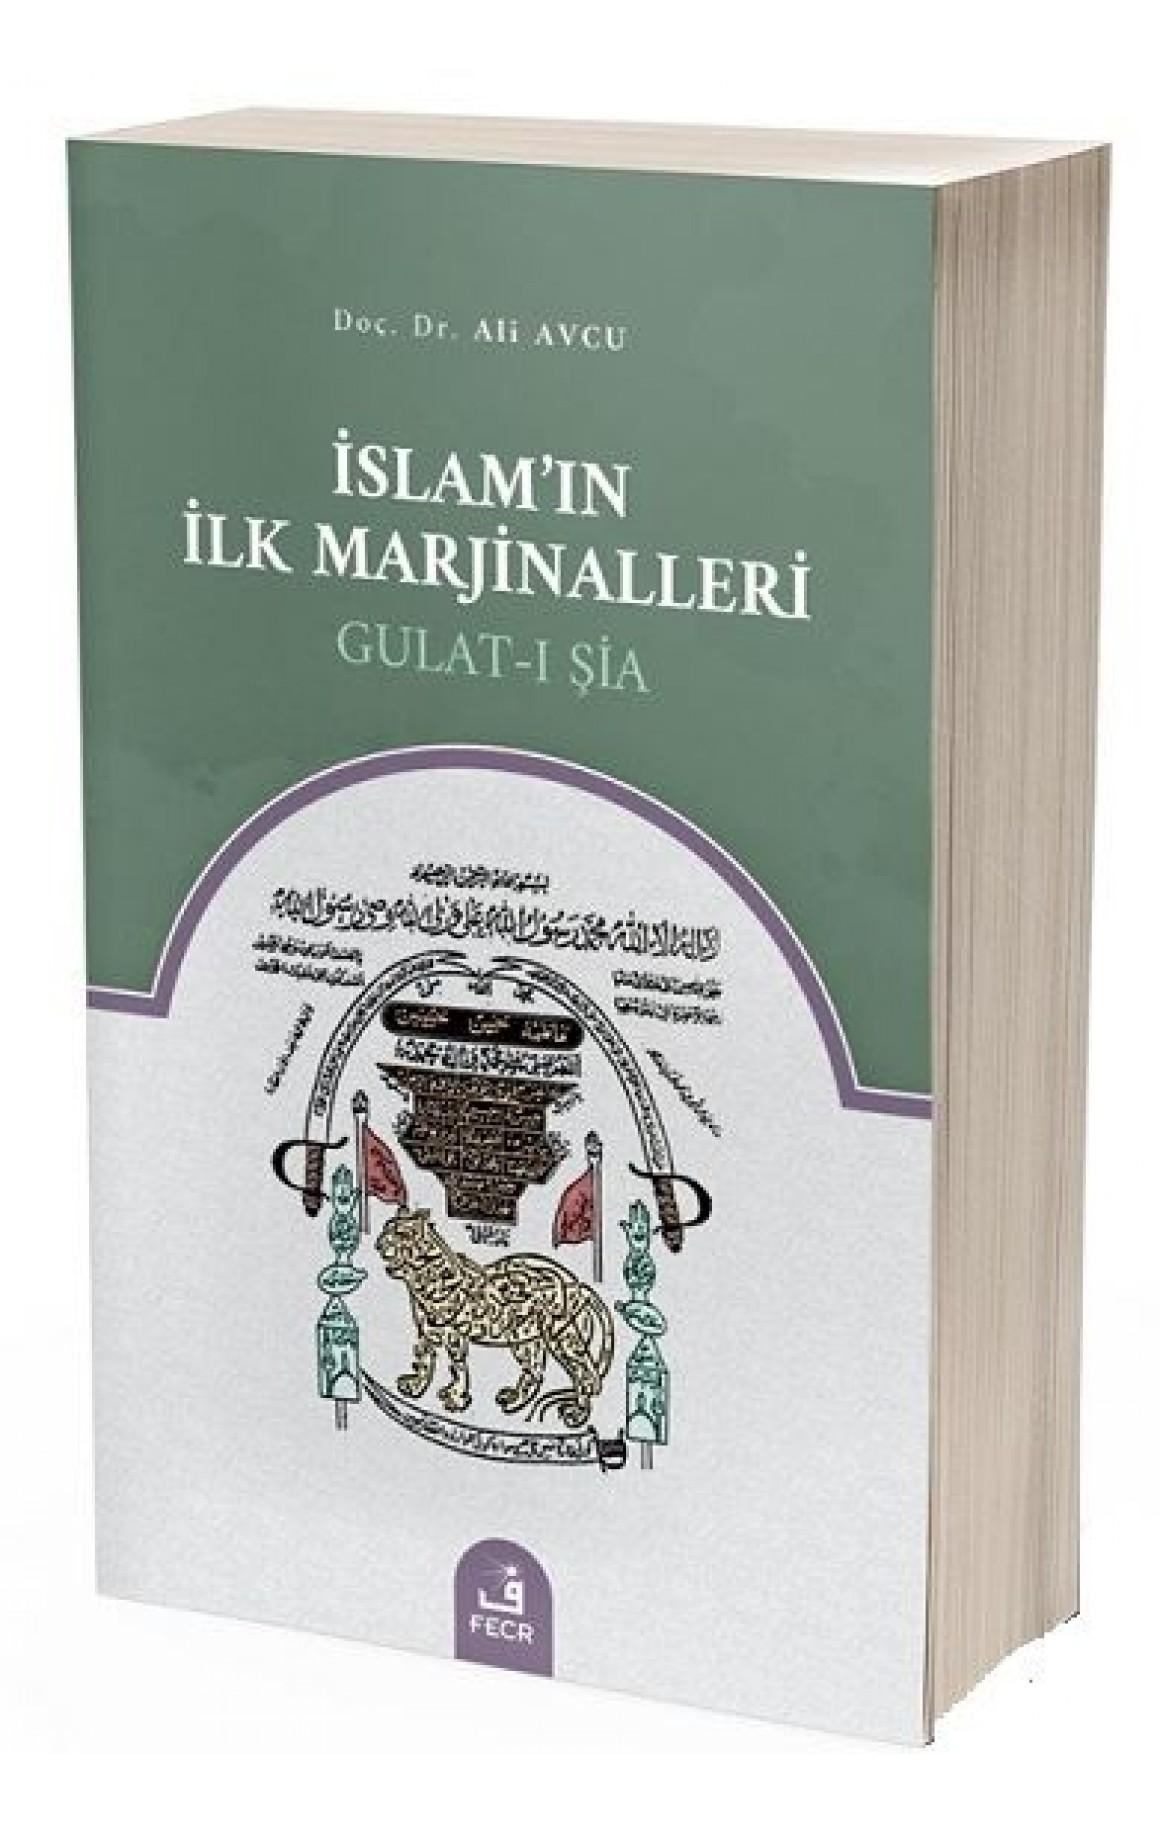 İslamın İlk Marjinalleri Gulat-ı Şia